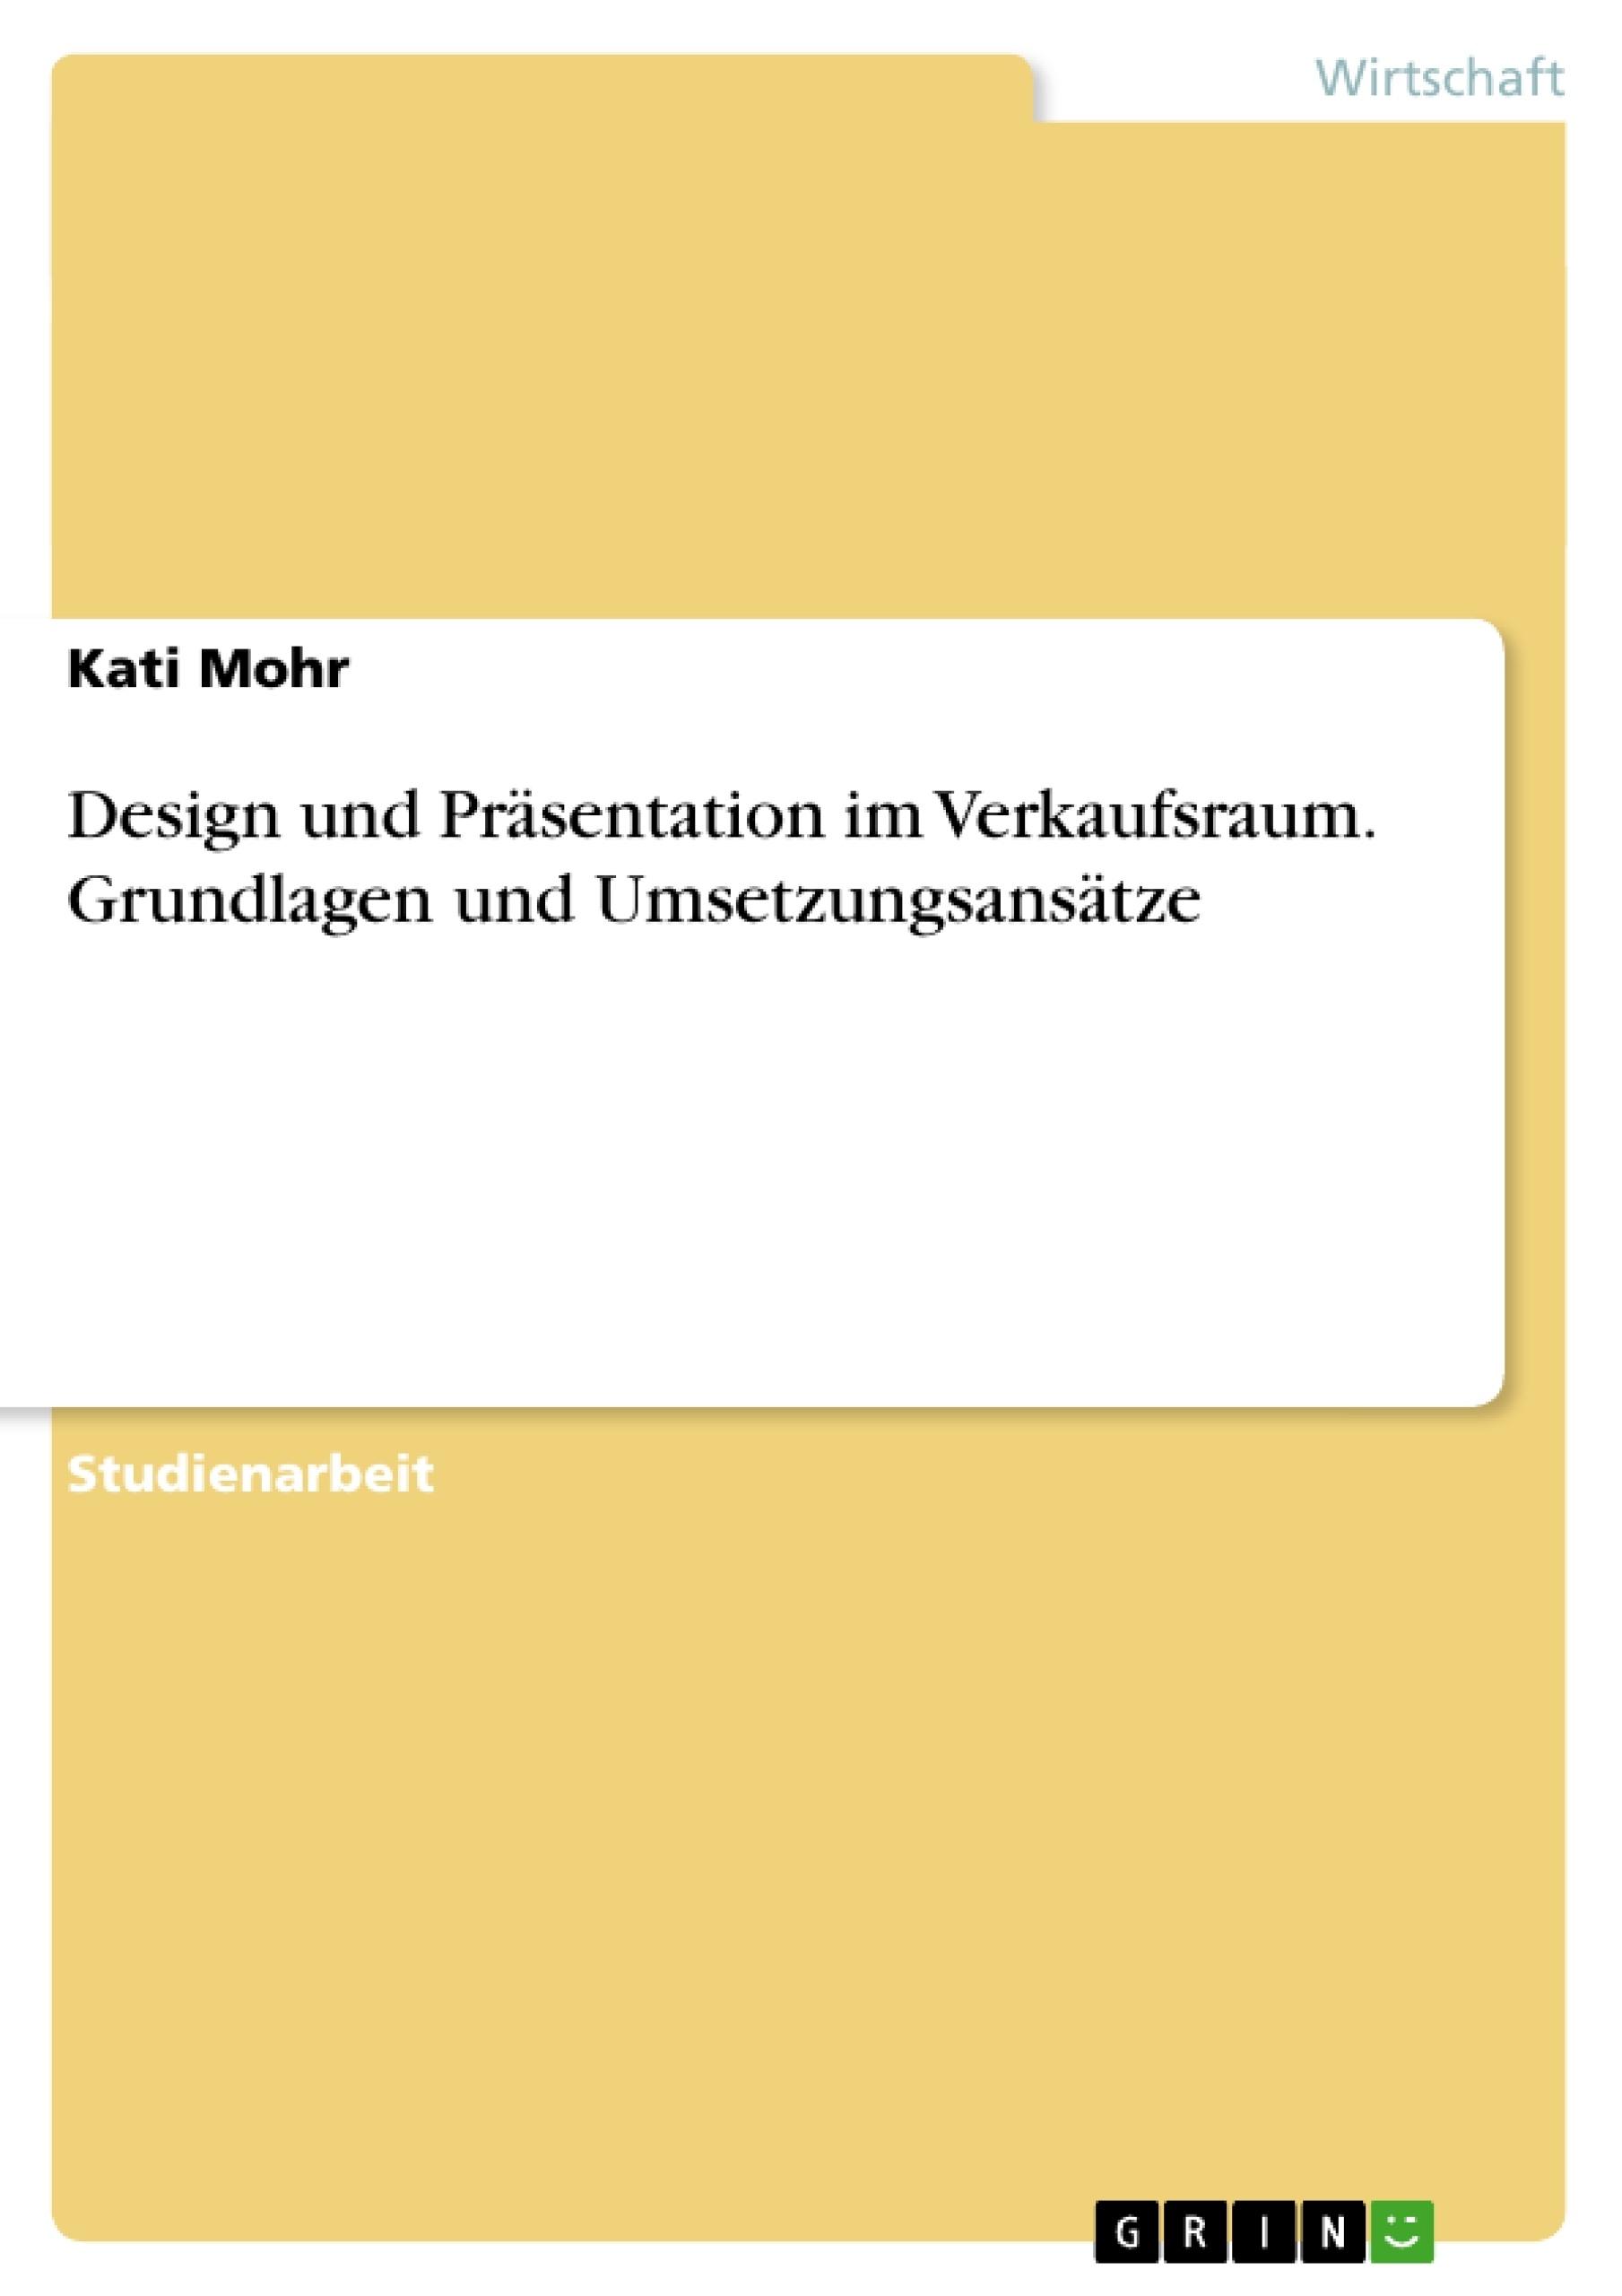 Titel: Design und Präsentation im Verkaufsraum. Grundlagen und Umsetzungsansätze